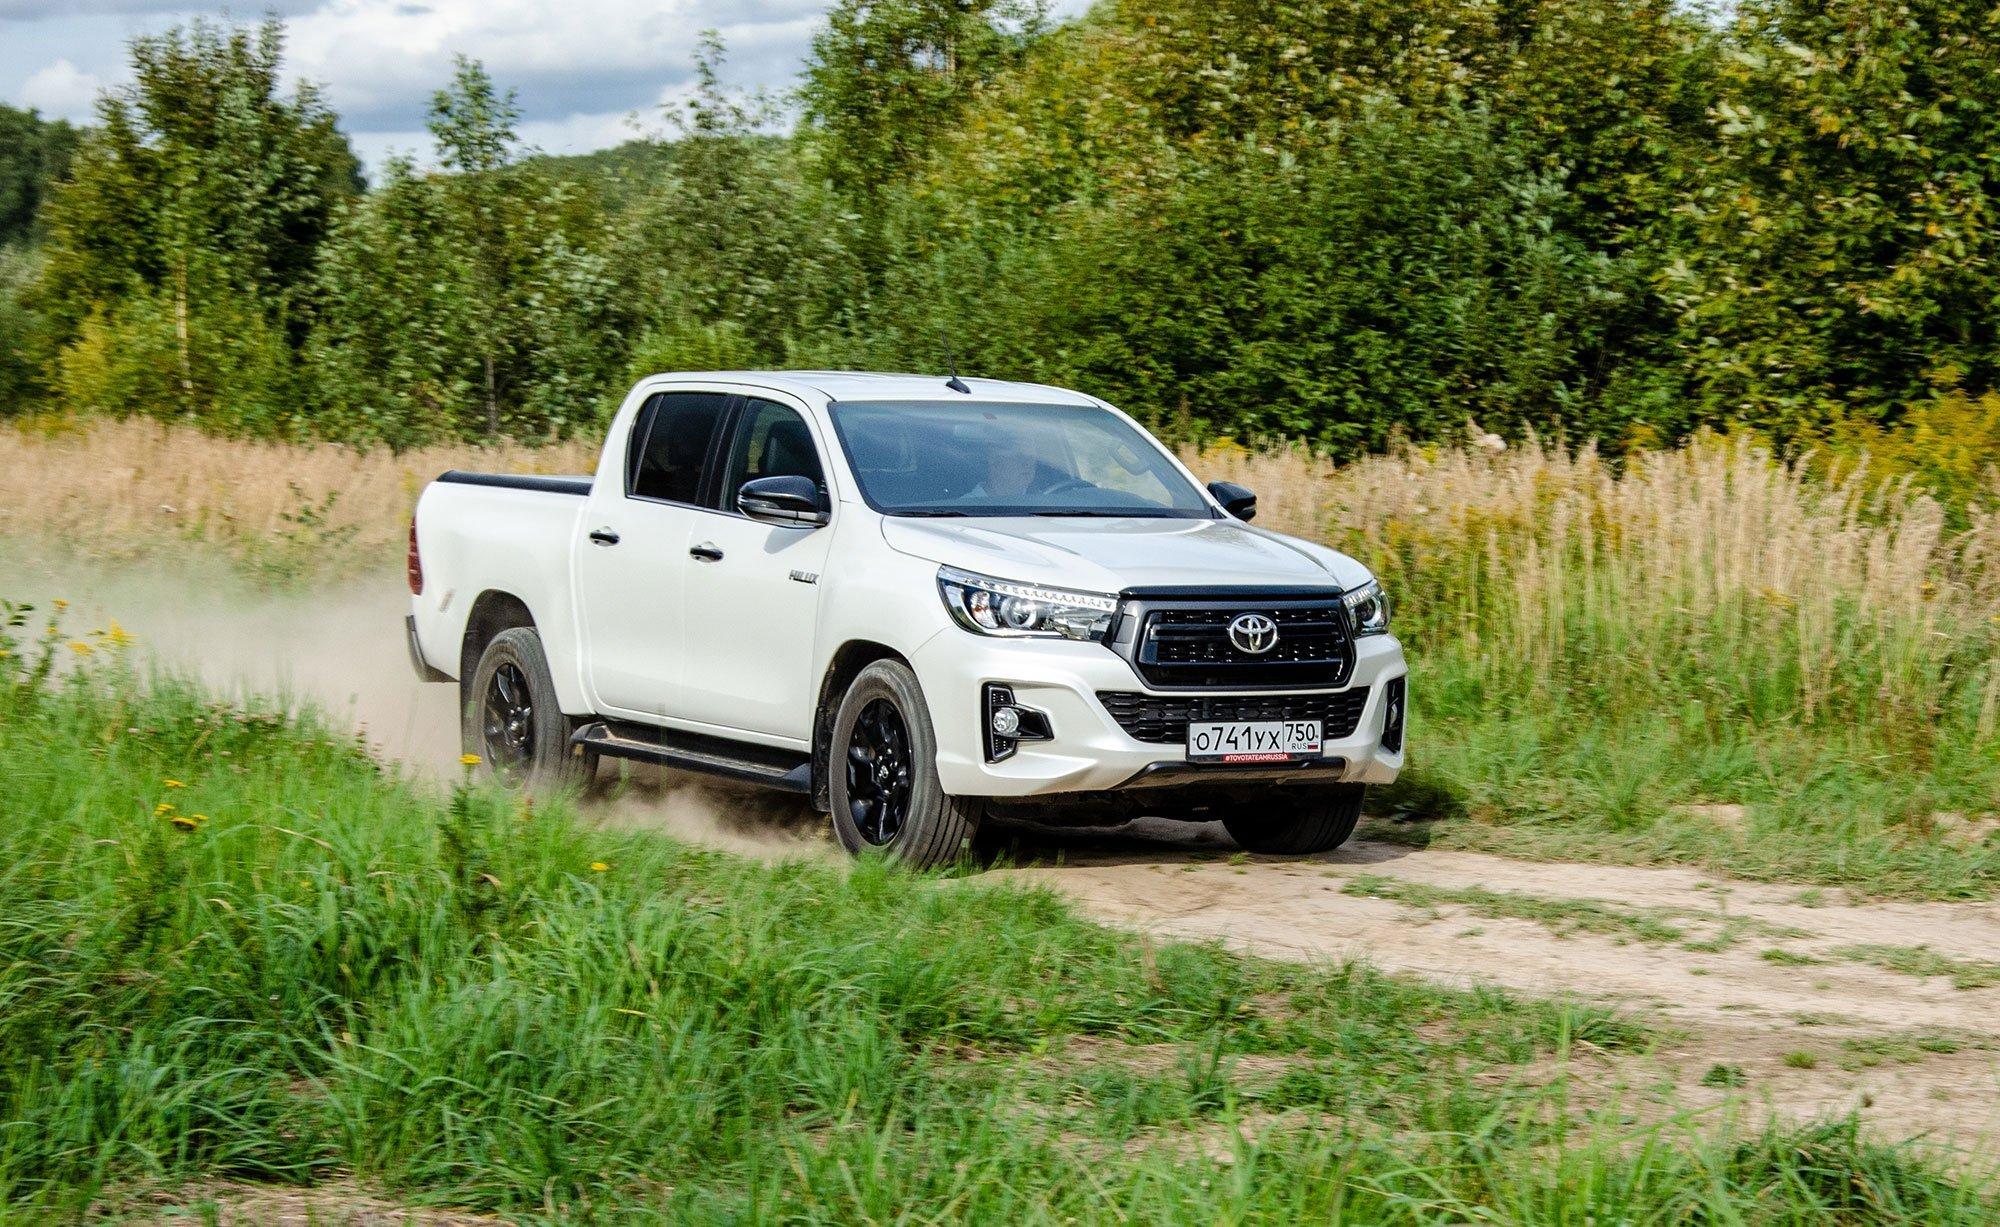 6000 км на пикапе Toyota Hilux: расстаюсь с сожалением